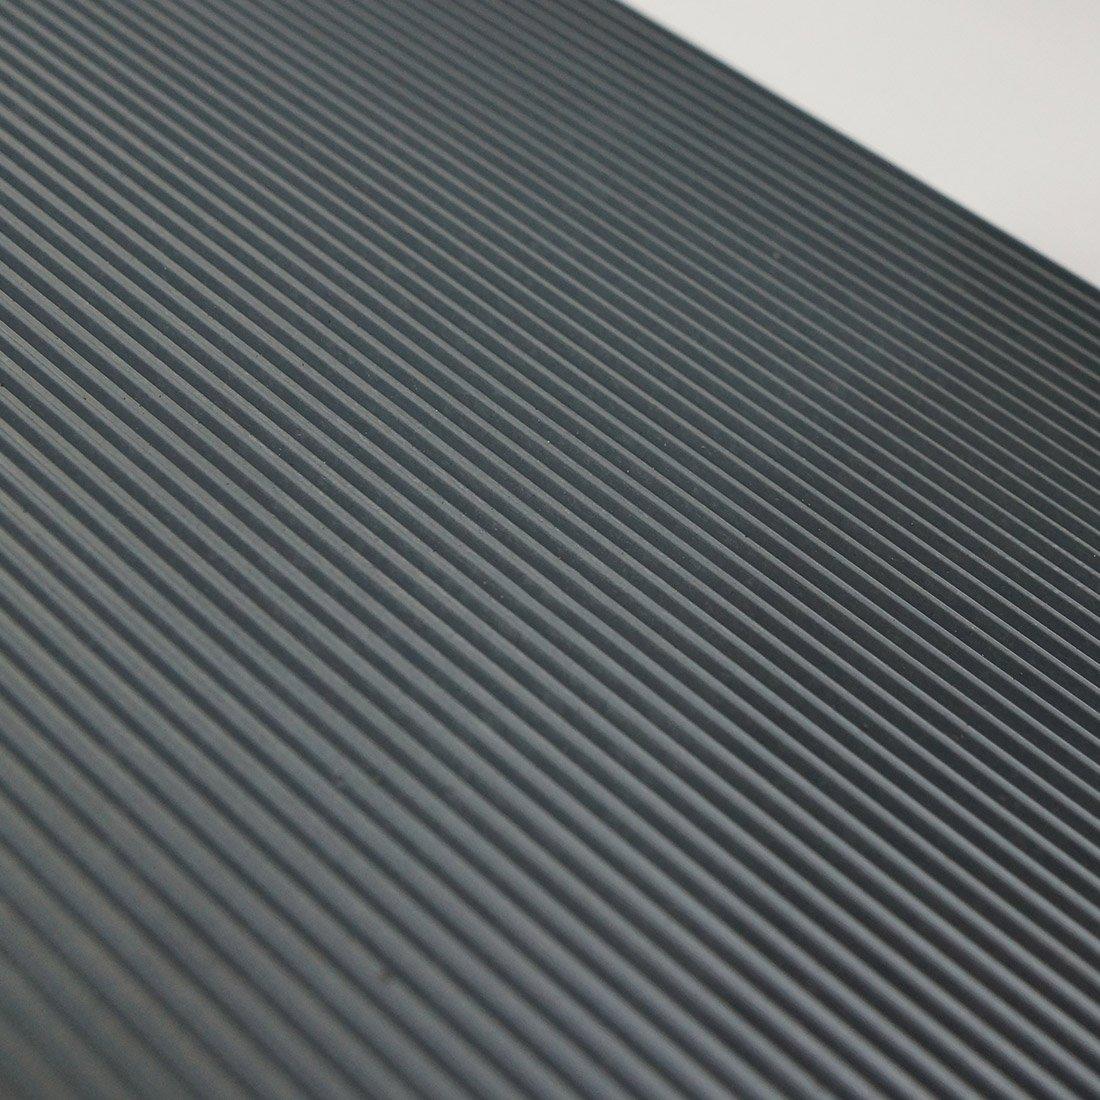 St/ärke: 3mm Farbe: Schwarz 6m/² 1,2 x 5,00m Gr/ö/ße w/ählbar Breitriefenmatte